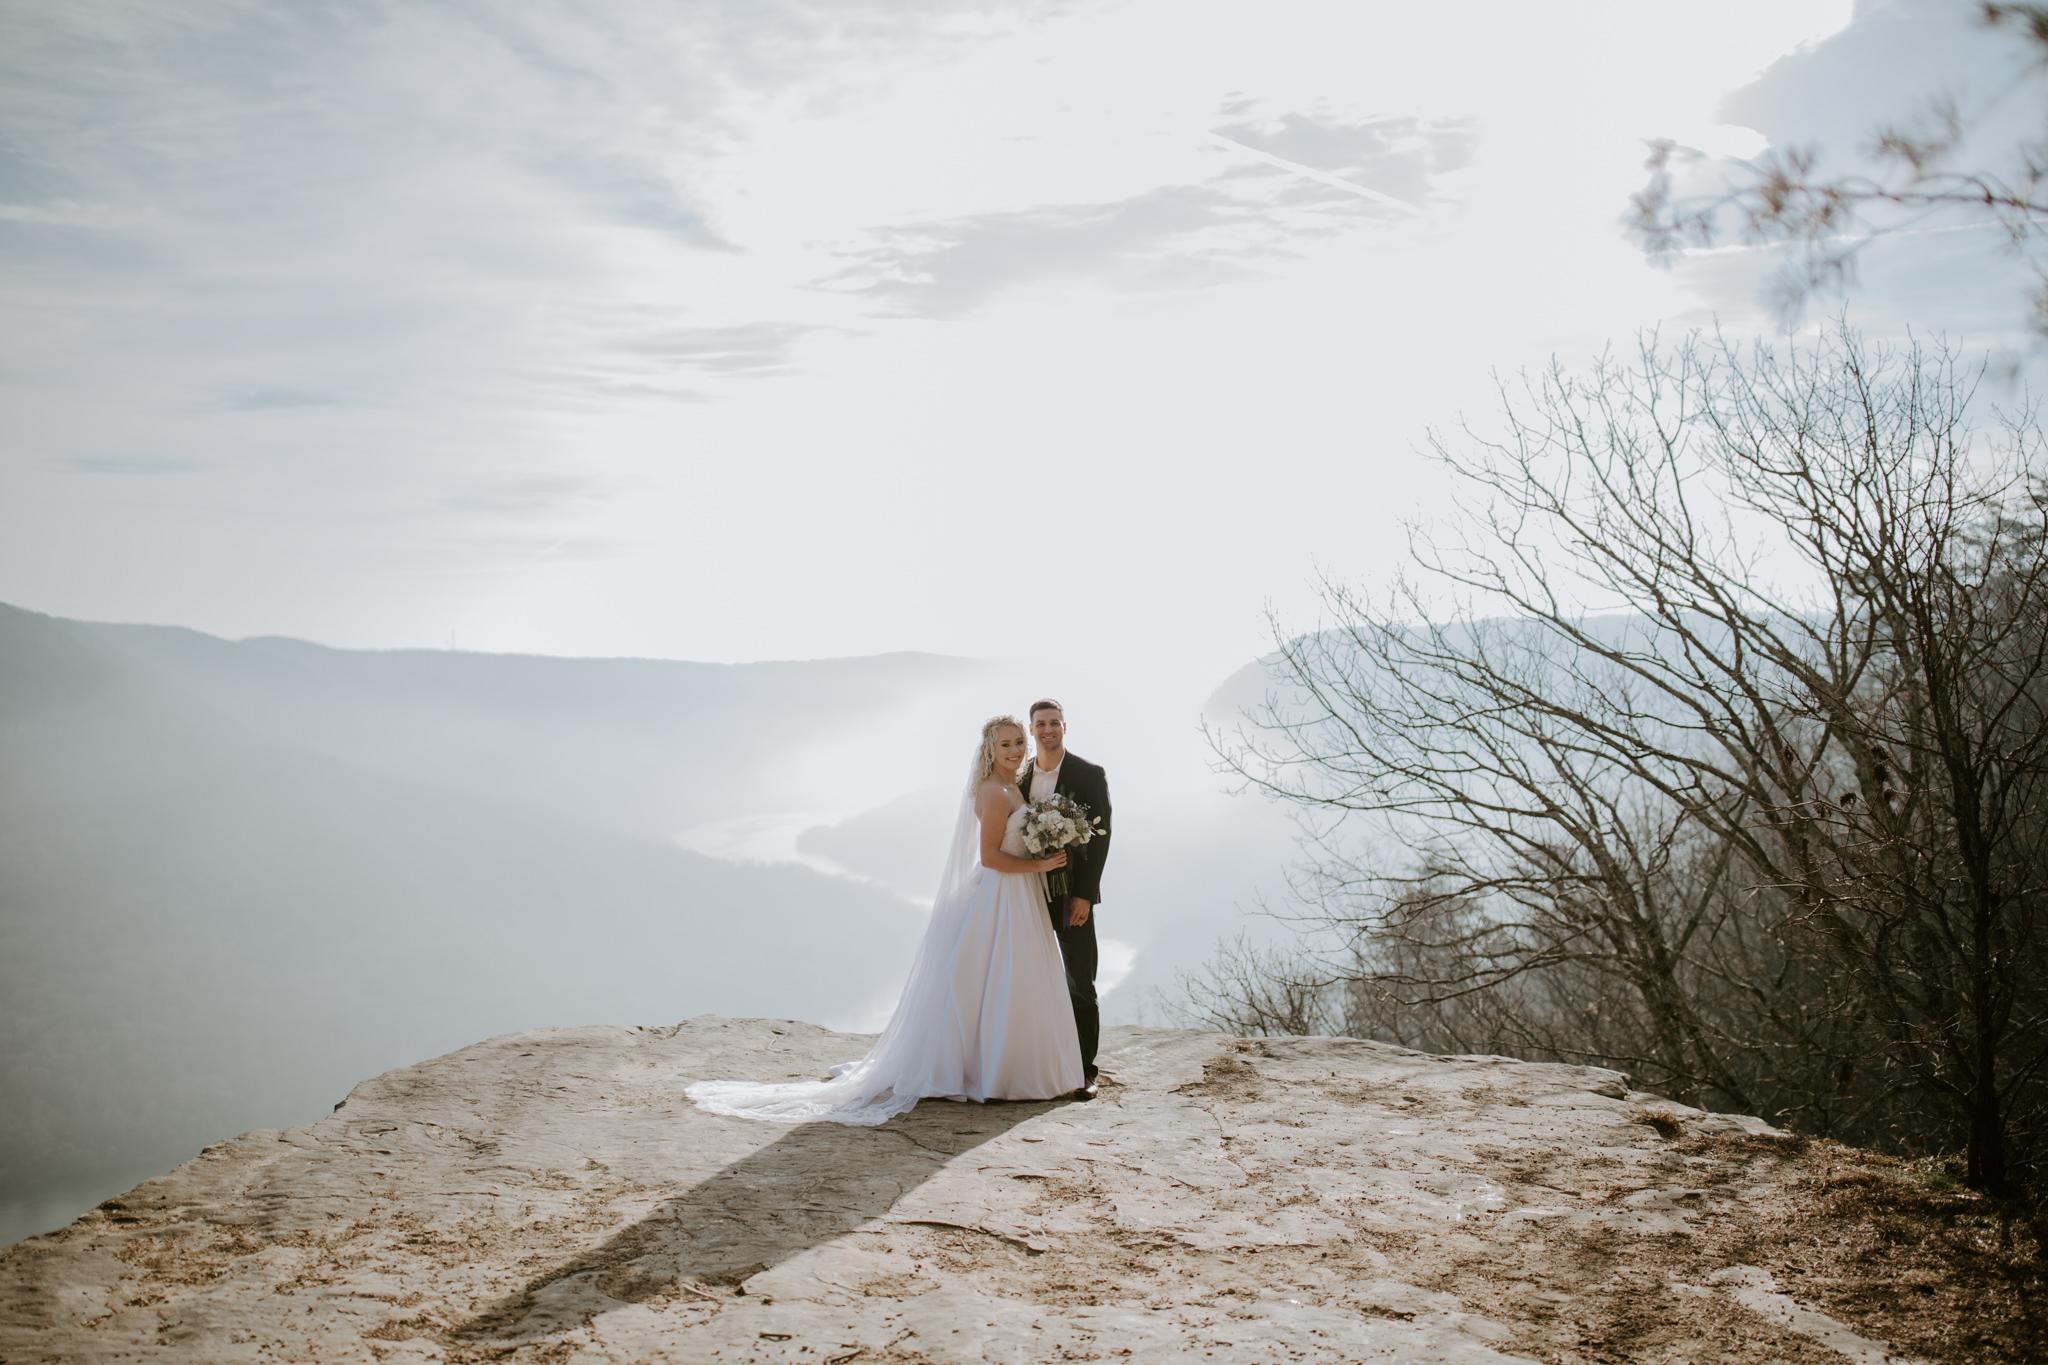 Lauren-and-Trent-Chattanooga-Nashville-Wedding-Elopement-Photographer-4.jpg